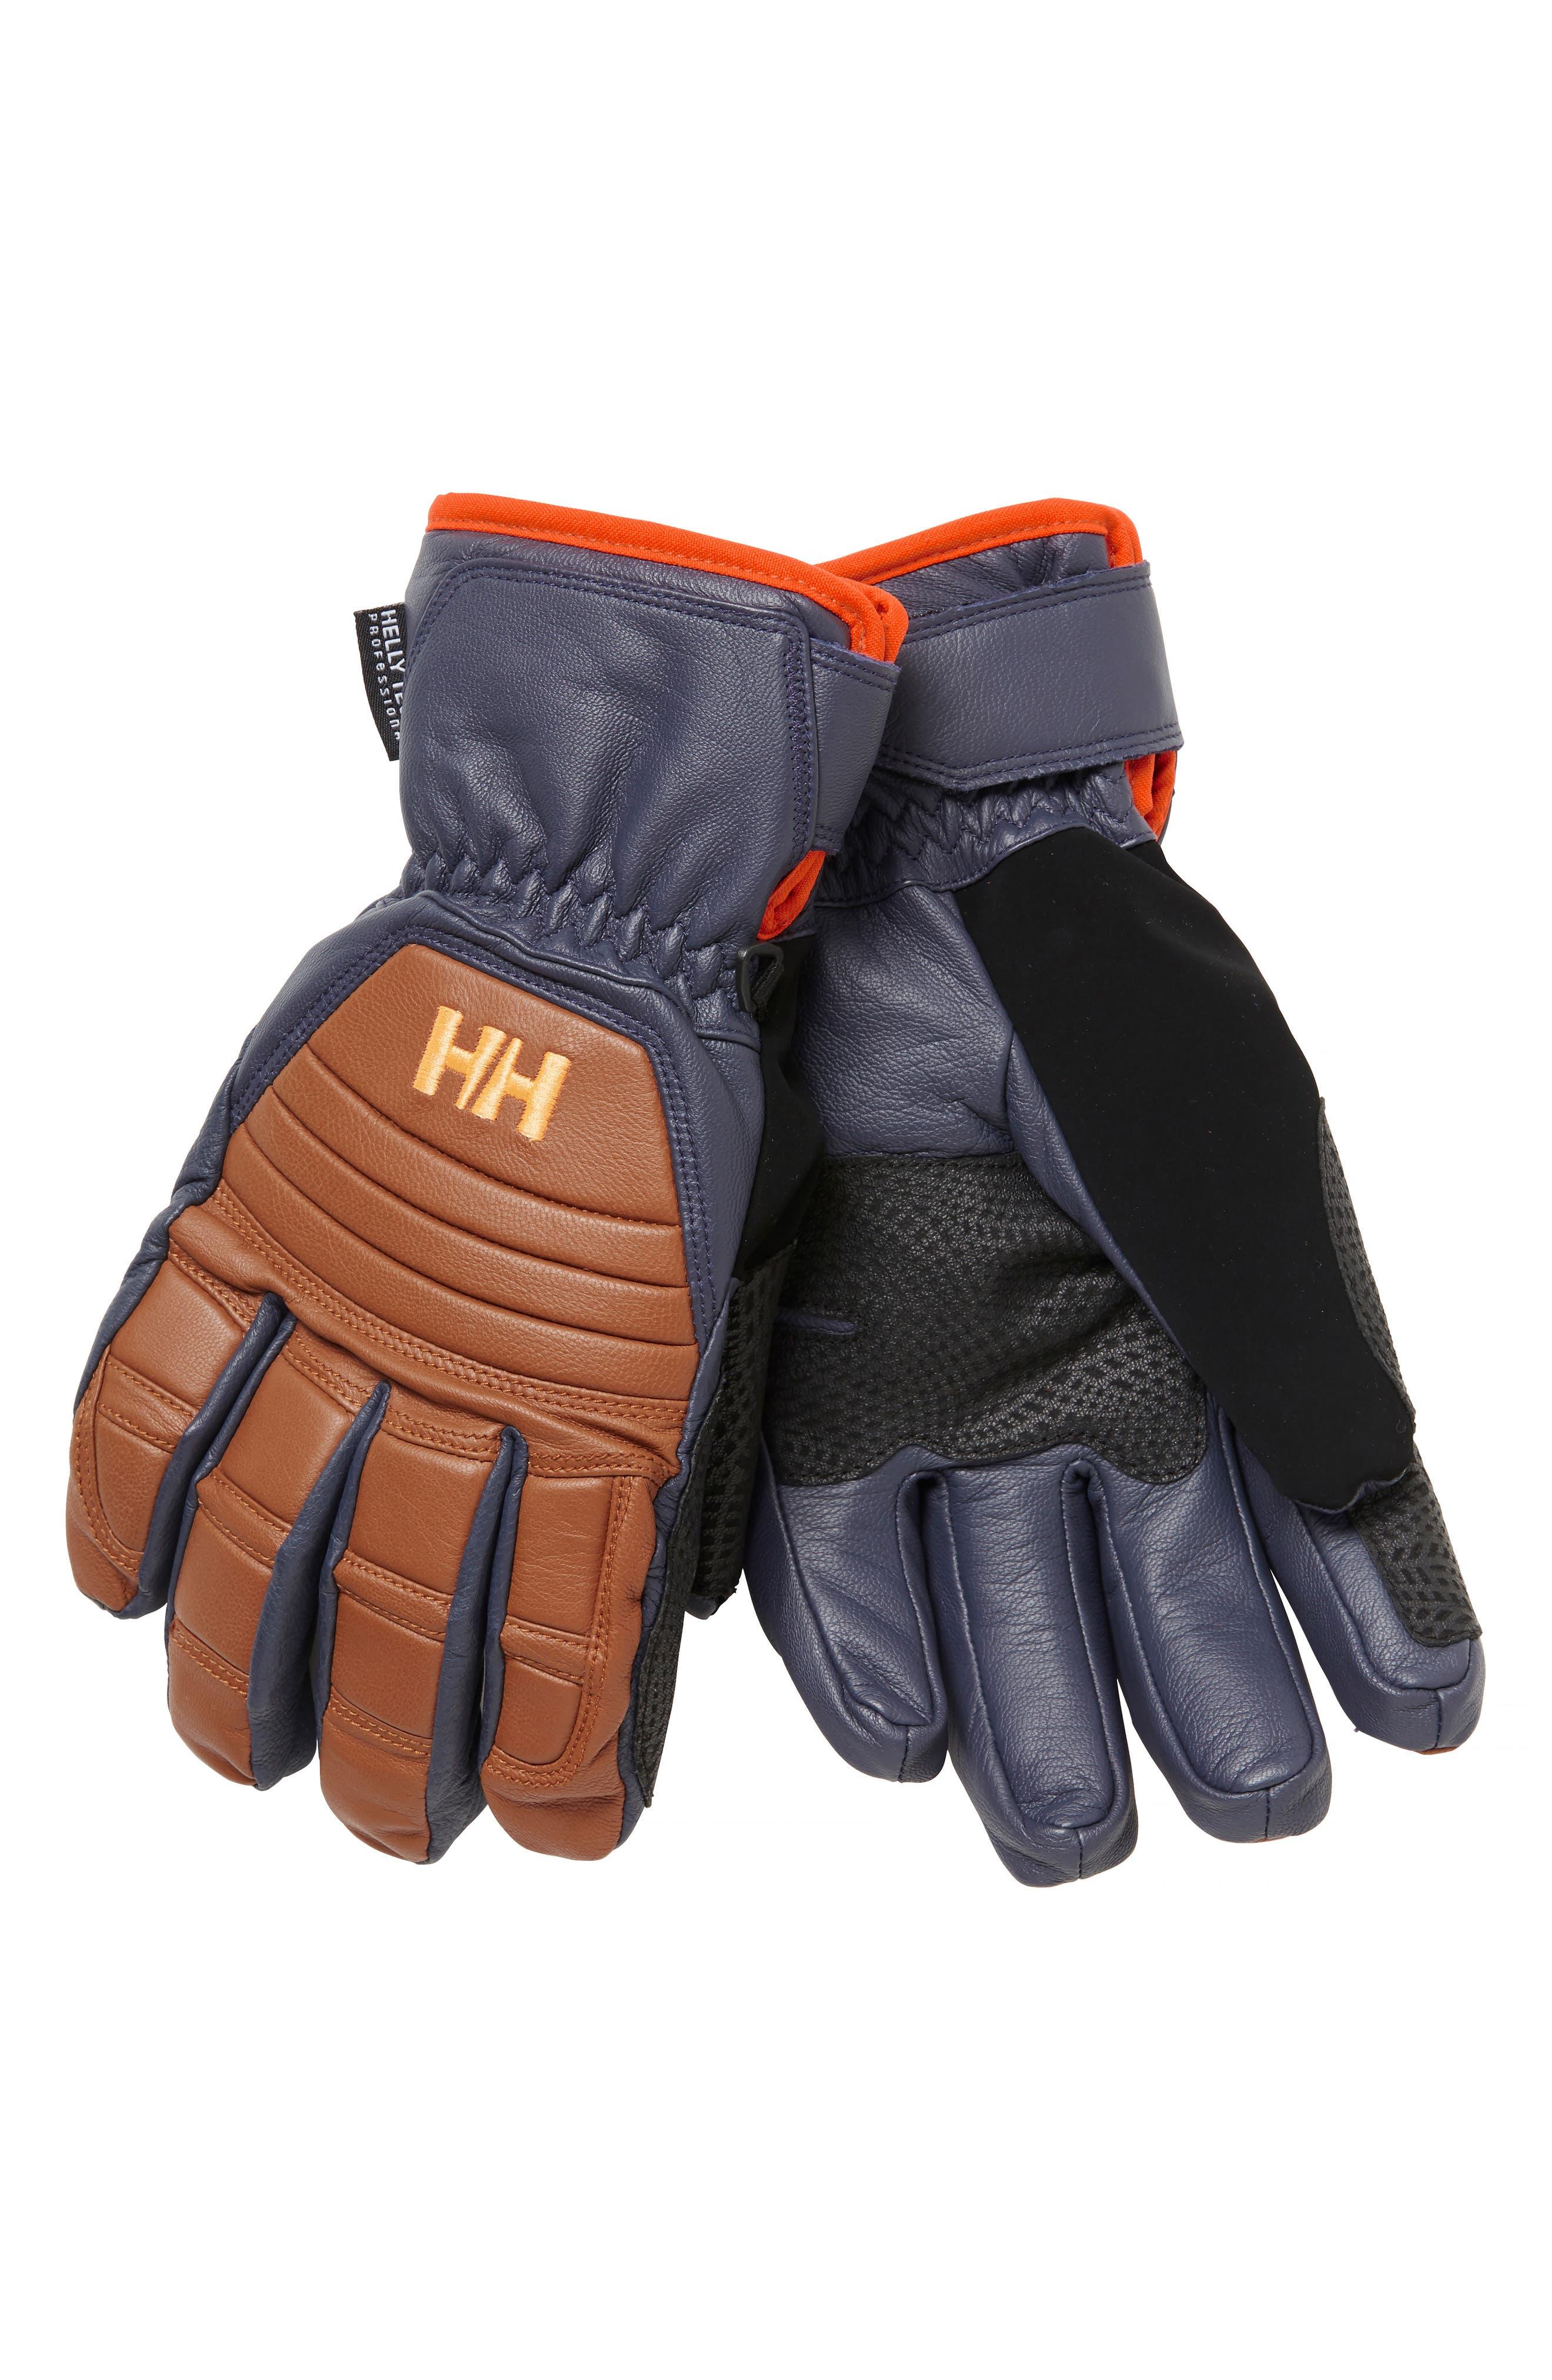 Helly Hansen Ullr Leather Ski Gloves, Brown